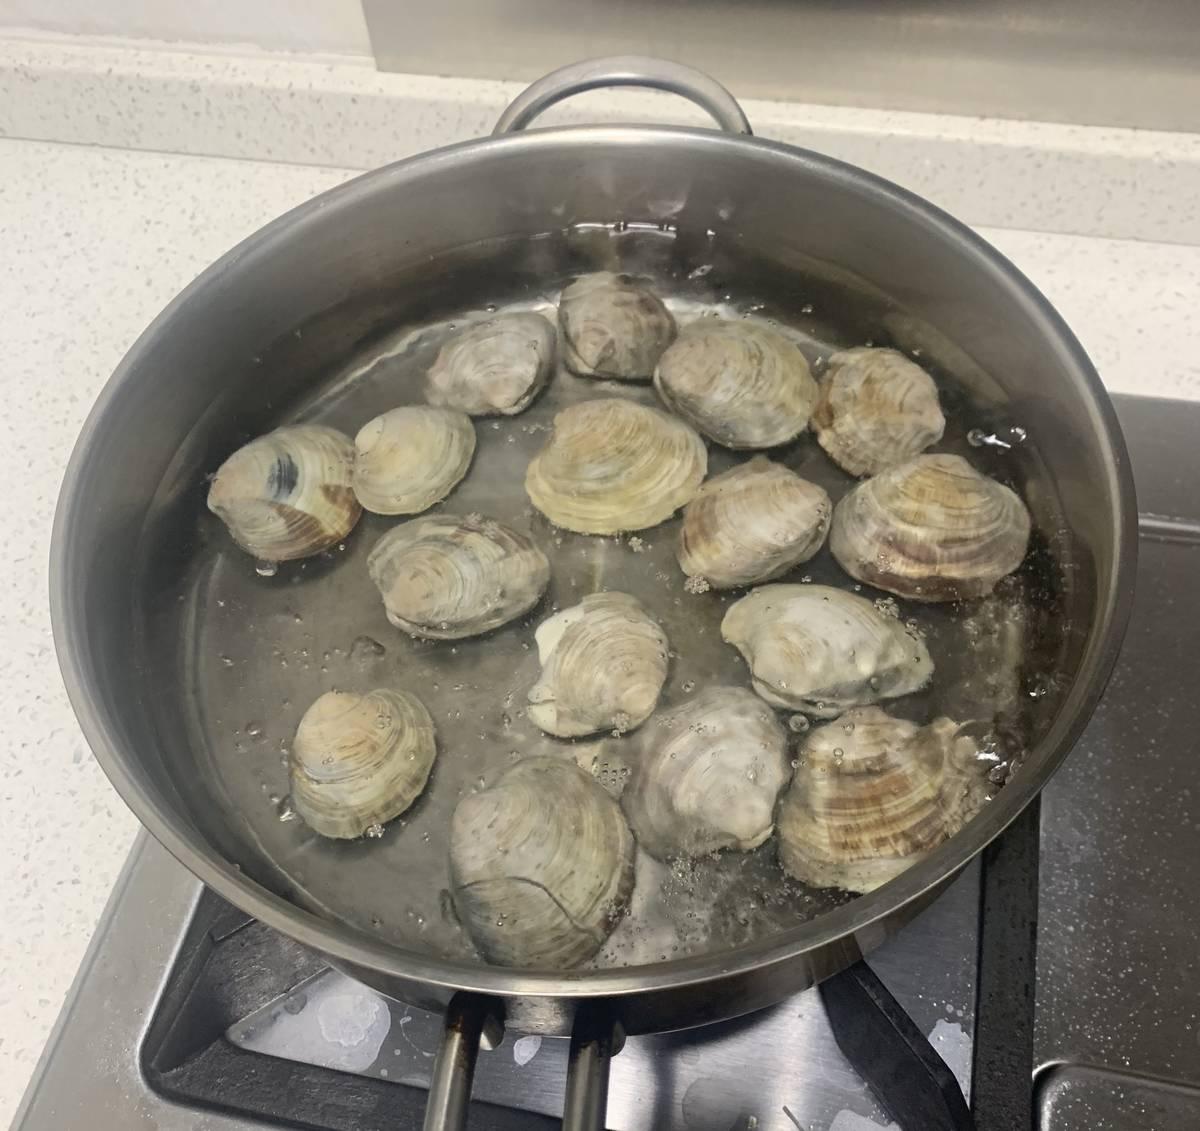 新学的一个菜,文蛤蒸蛋。  先把文蛤用热水烫一下,就能全部张开